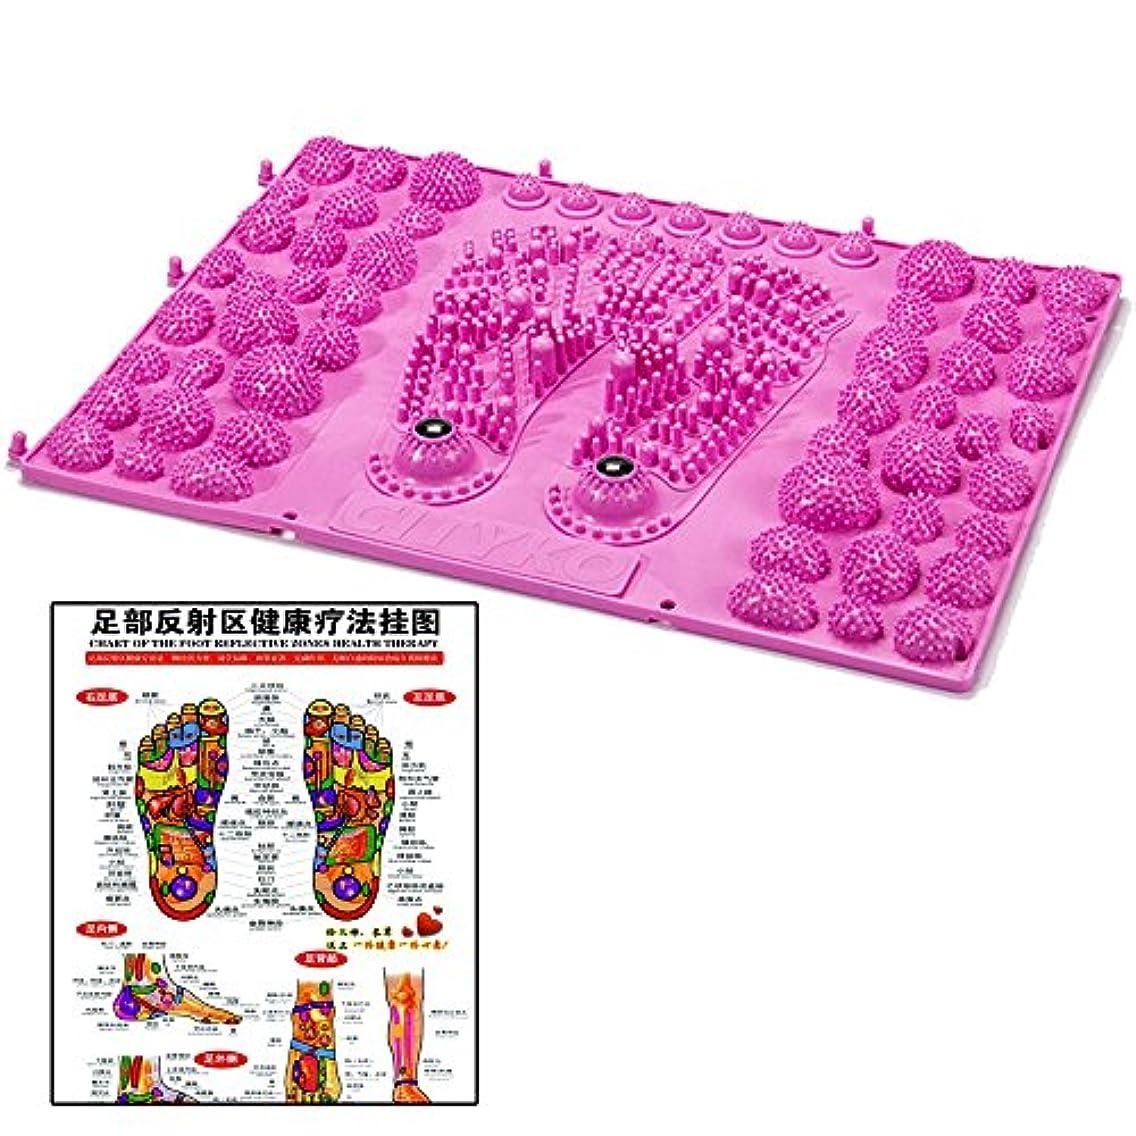 醜い退院ジャズ(POMAIKAI) 足型 足ツボ 健康 マット ダイエット 足裏マッサージ 反射区 マップ セット (ピンク)